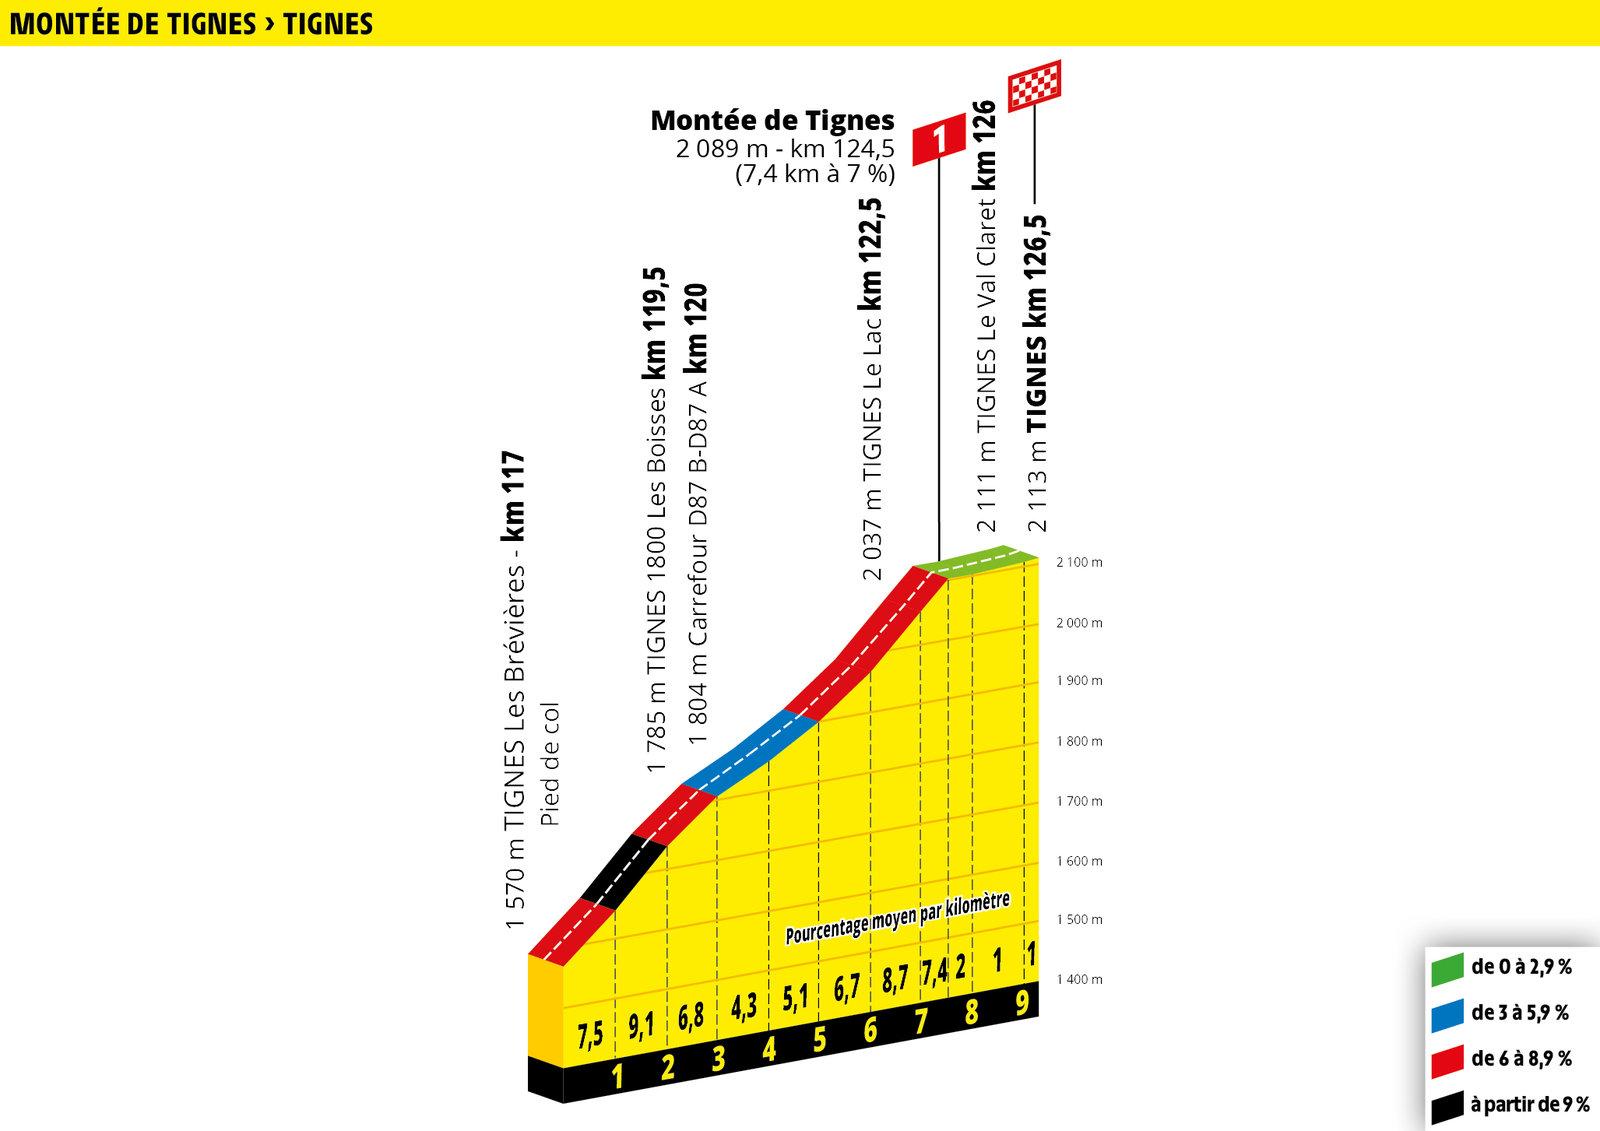 Tour de France 2019 19061902142479710